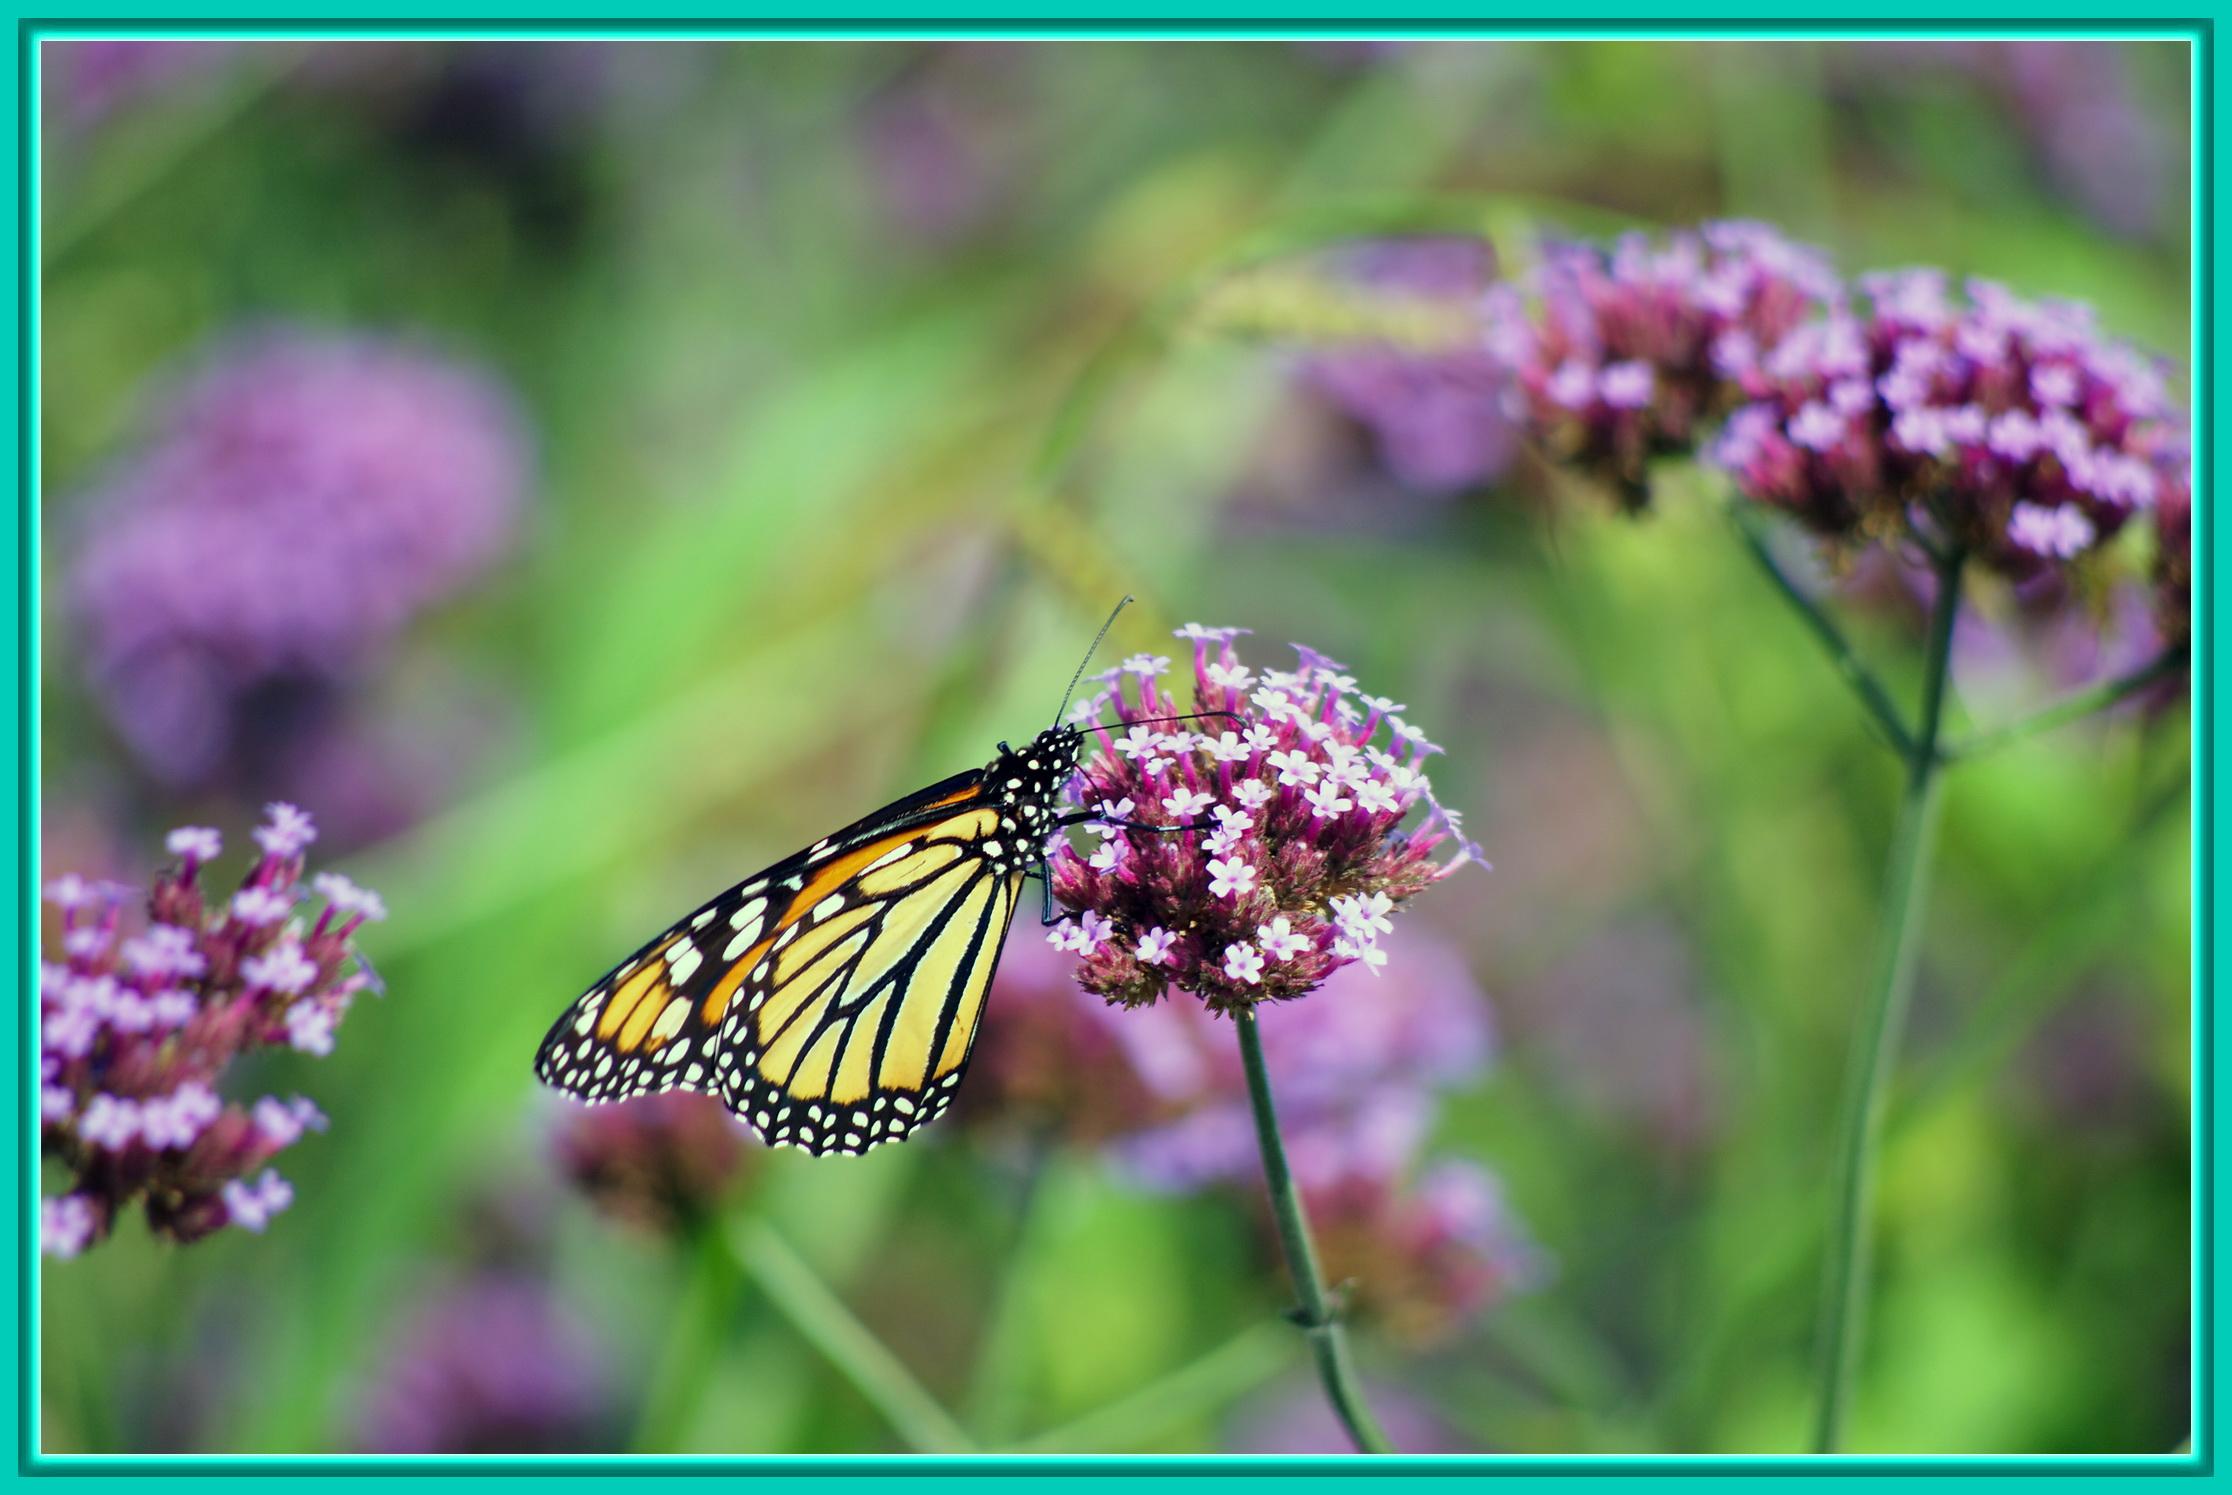 Un papillon dans les fleurs les beaut s de montr al for Les fleur